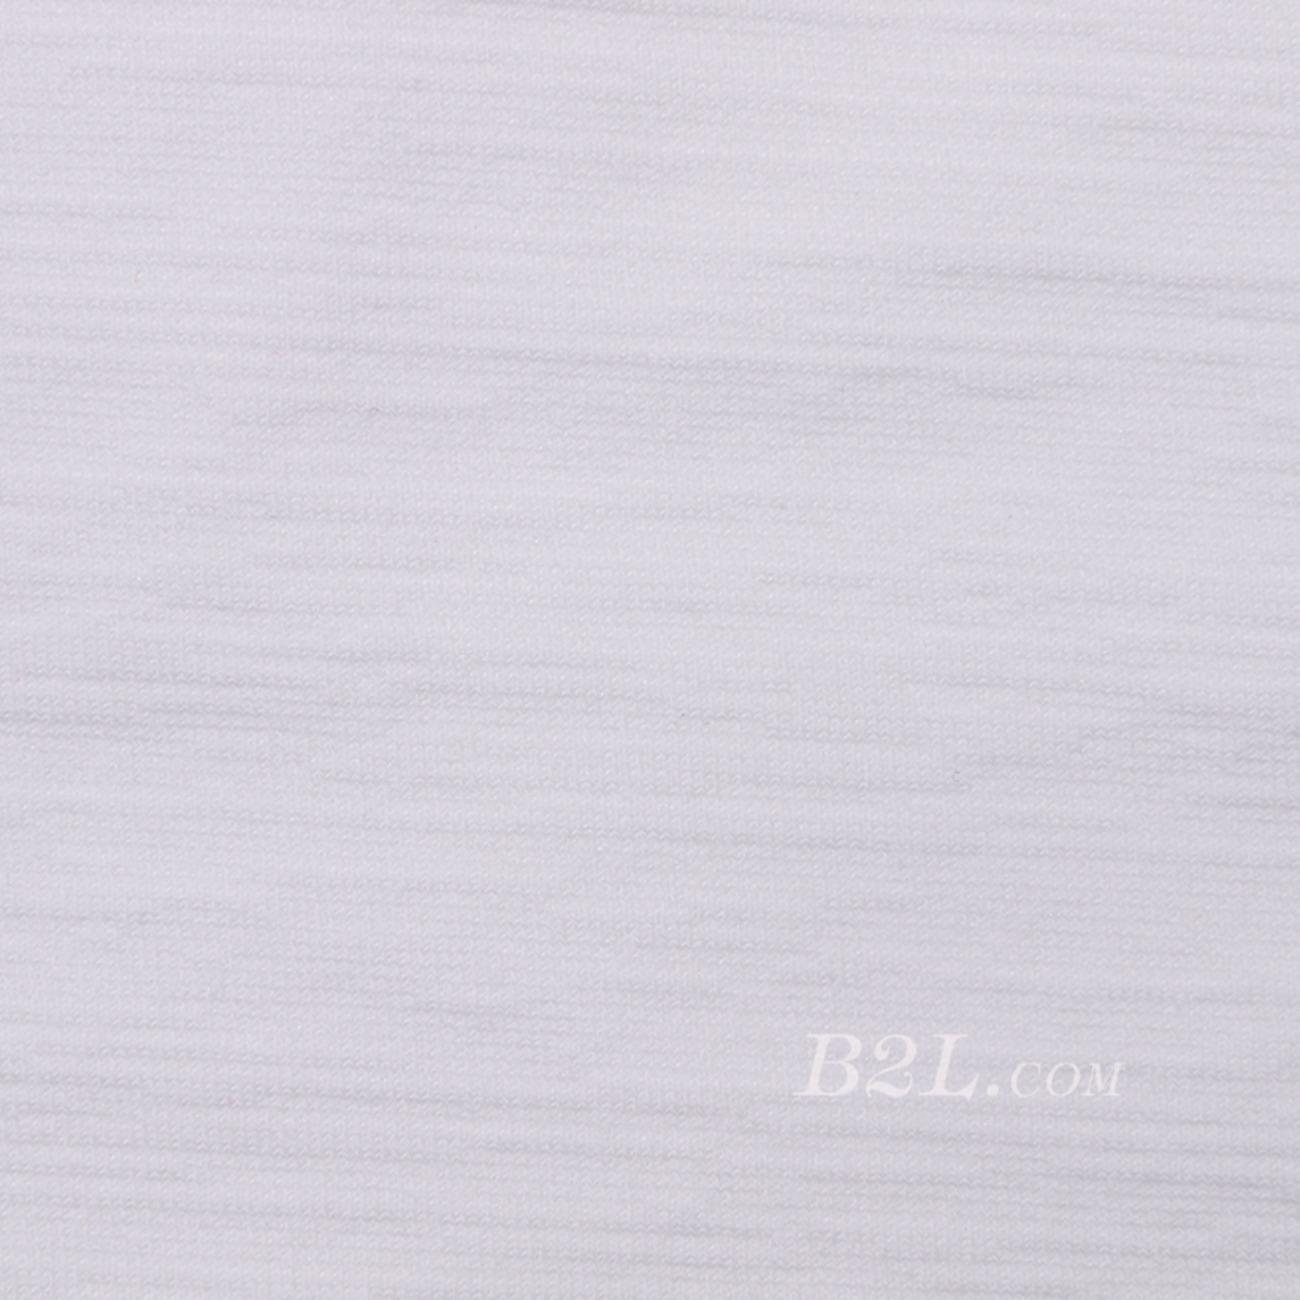 素色 针织 染色 弹力 象形纹 春夏 针织衫 外套 T恤 女装 80517-10